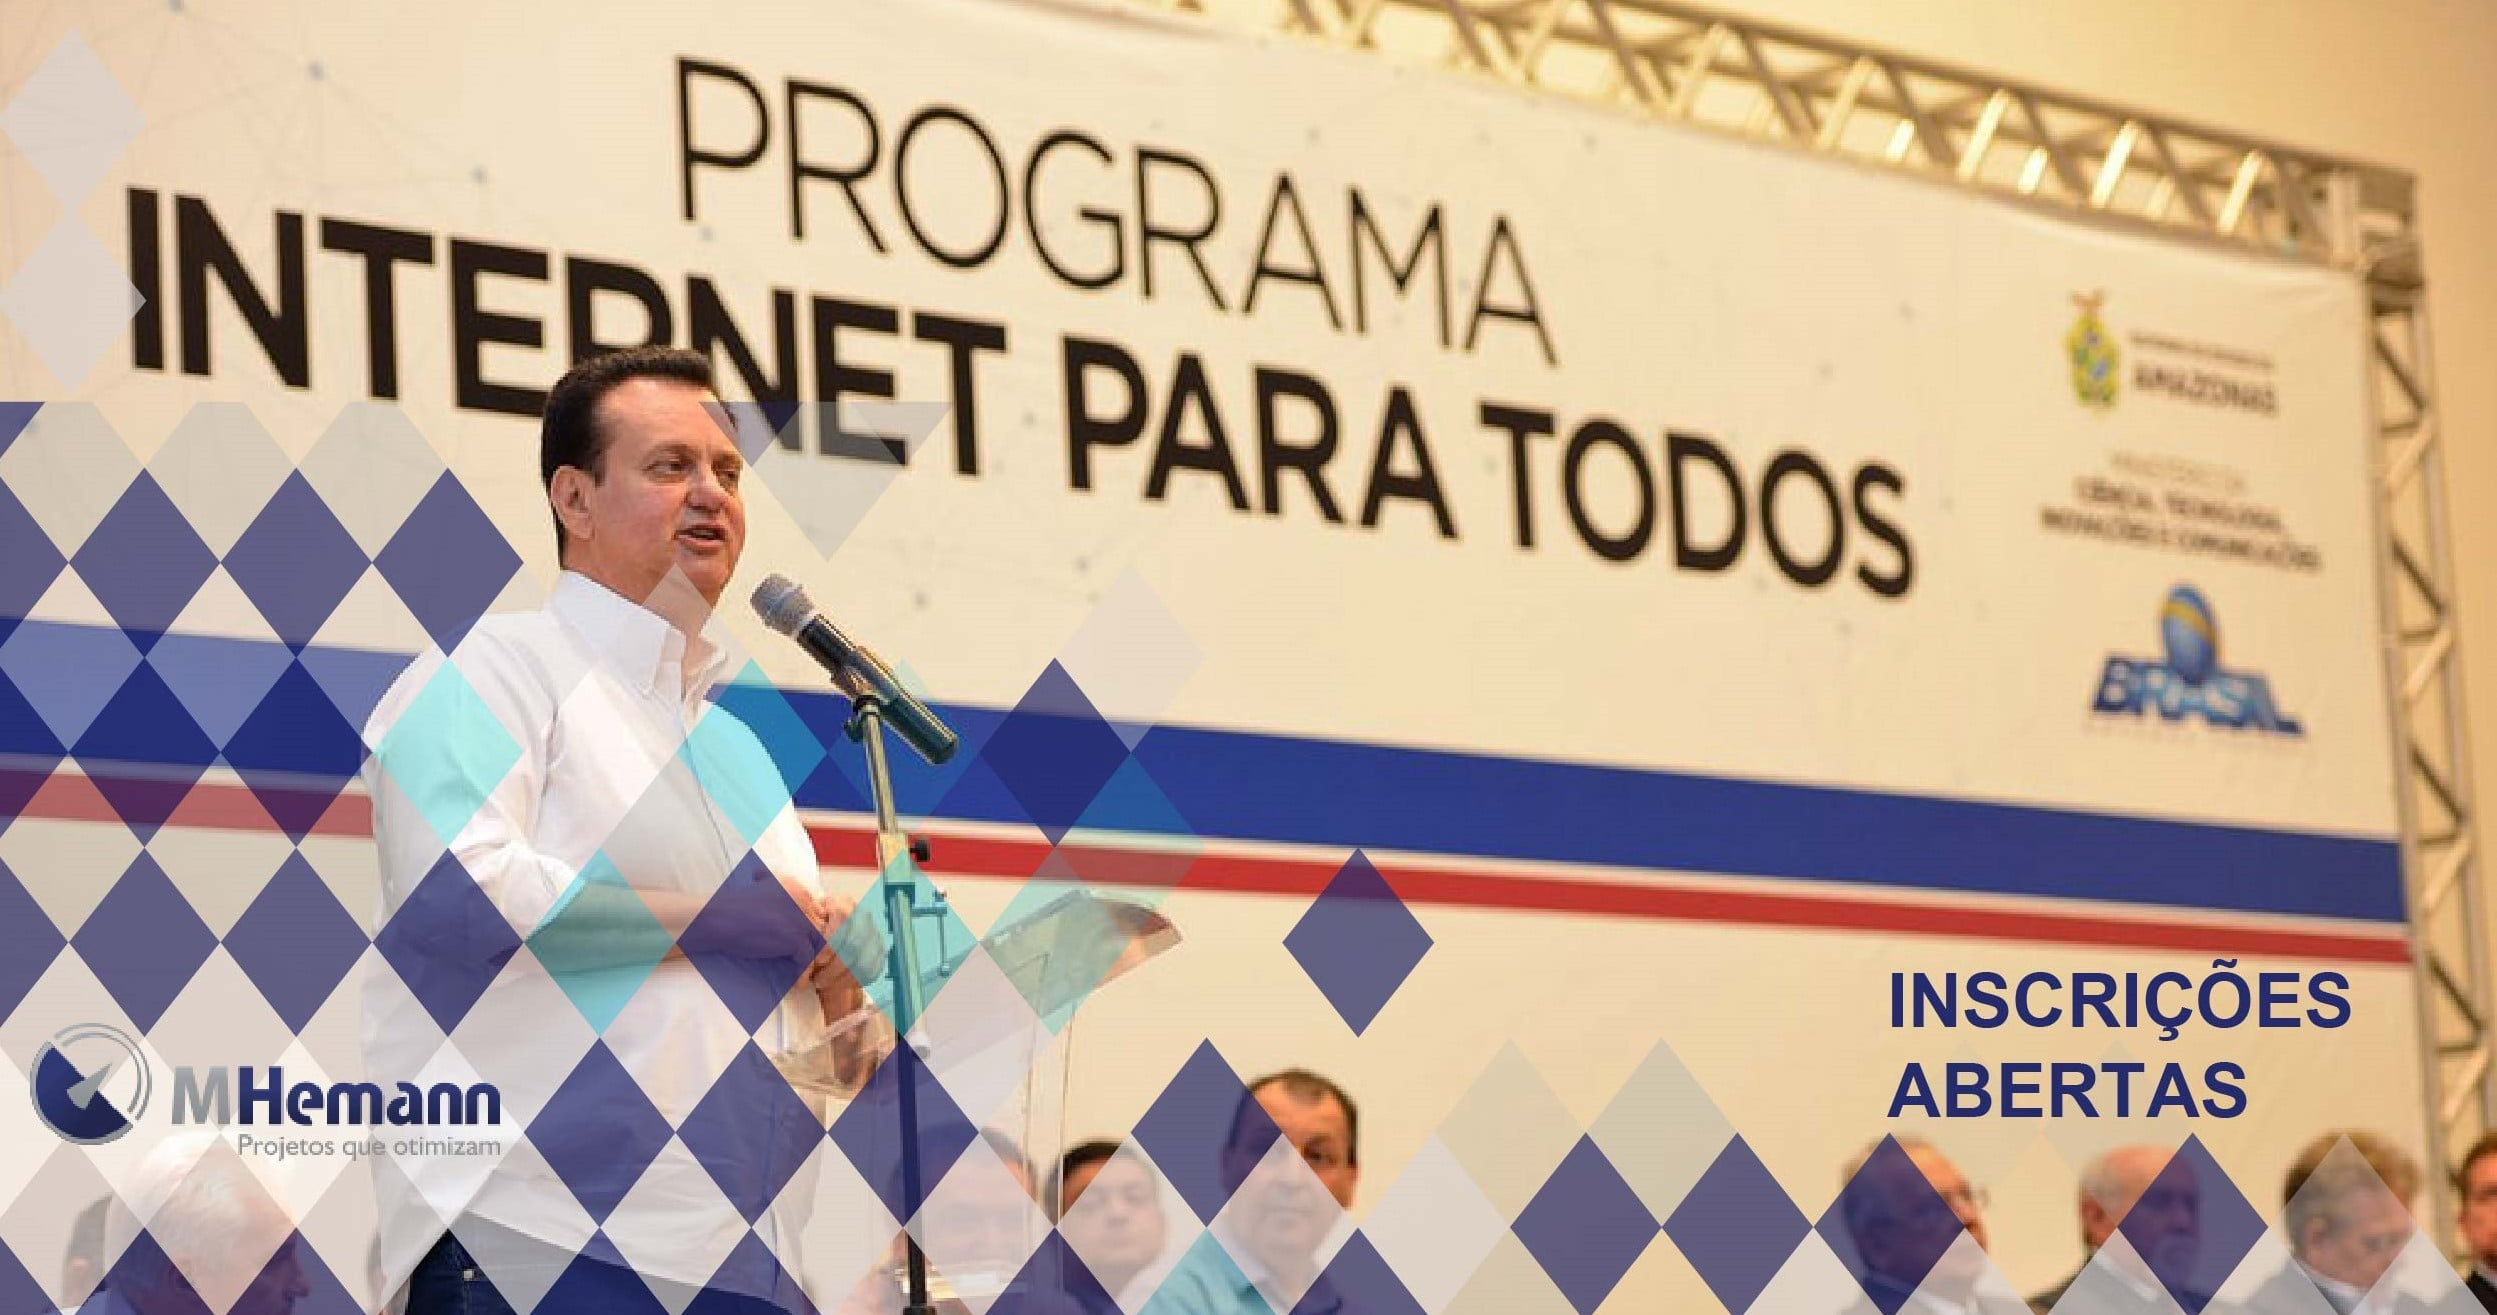 Estão Abertas as inscrições para Empresas interessadas em participar do Programa Internet para Todos